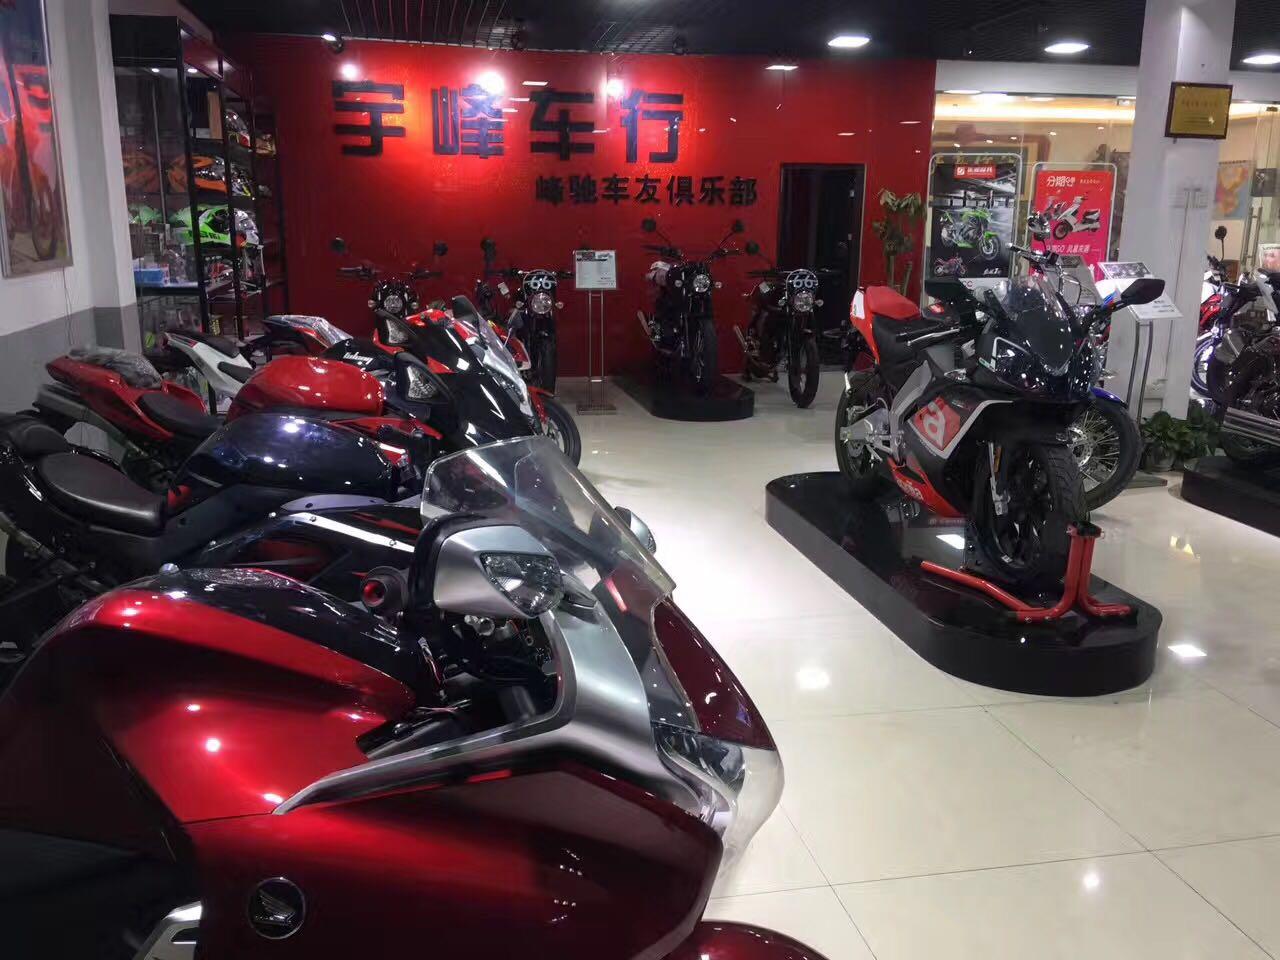 贵阳市南明区宇锋摩托车经营部